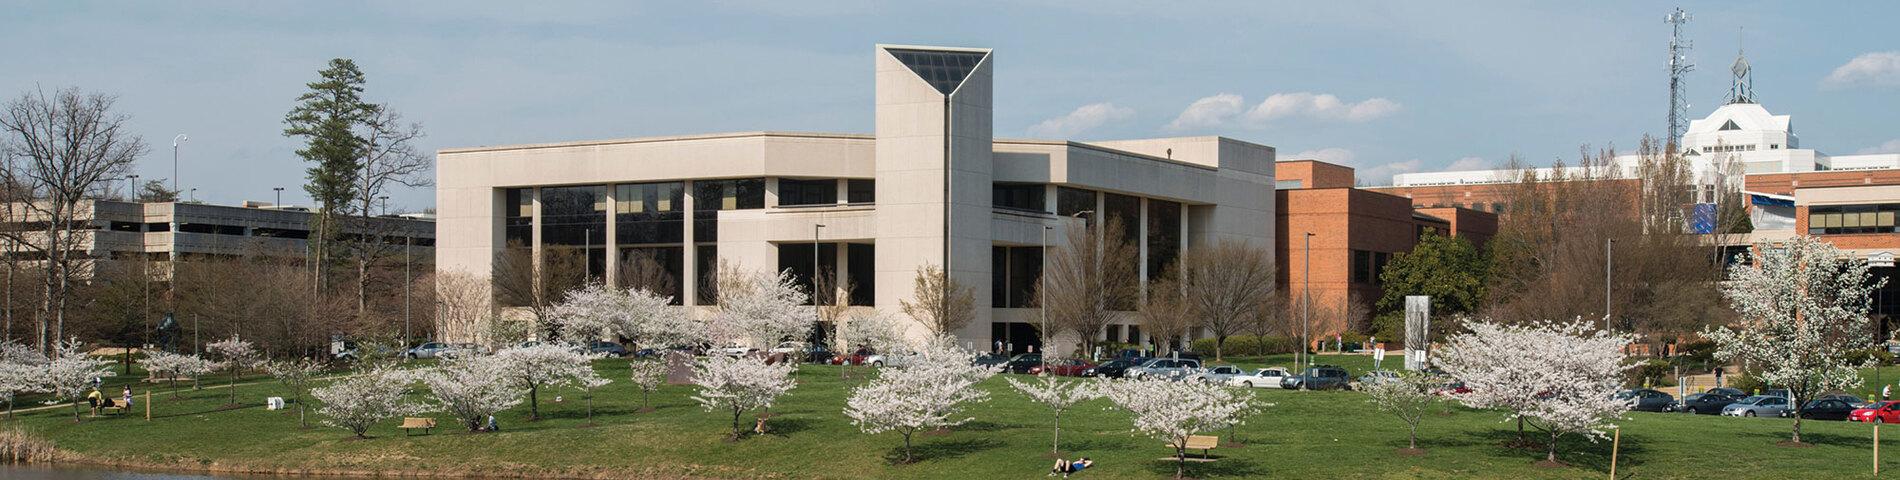 Imagen 1 de la escuela INTO George Mason University